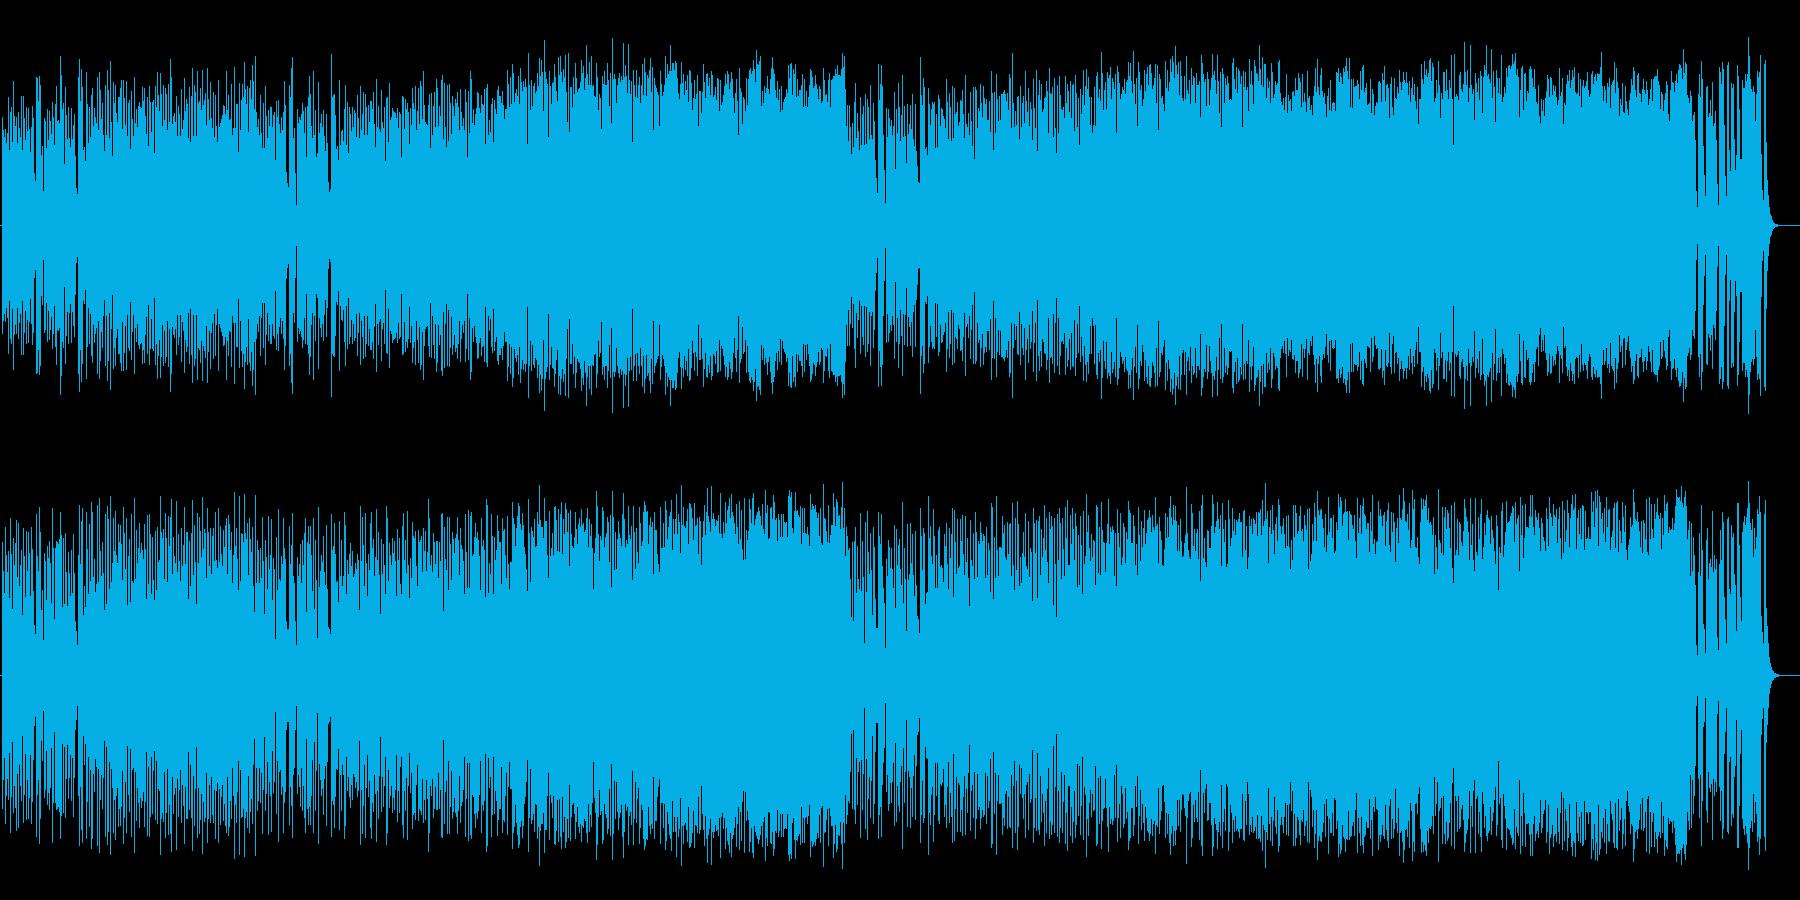 愛らしいコミカル調BGM(フルサイズ)の再生済みの波形